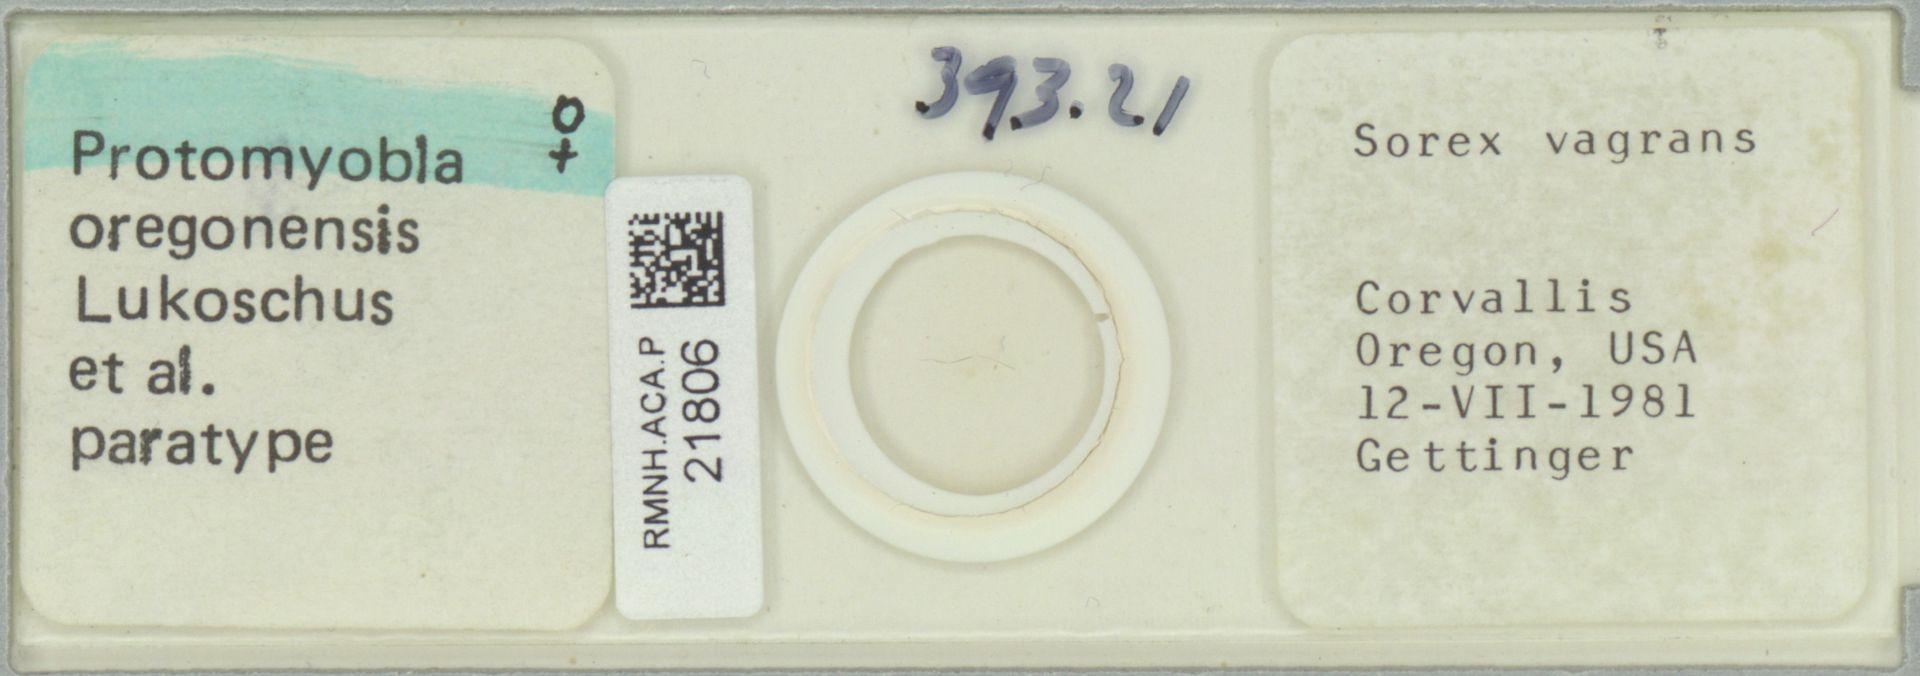 RMNH.ACA.P.21806 | Protomyobia oregonensis Lukoschus et al.